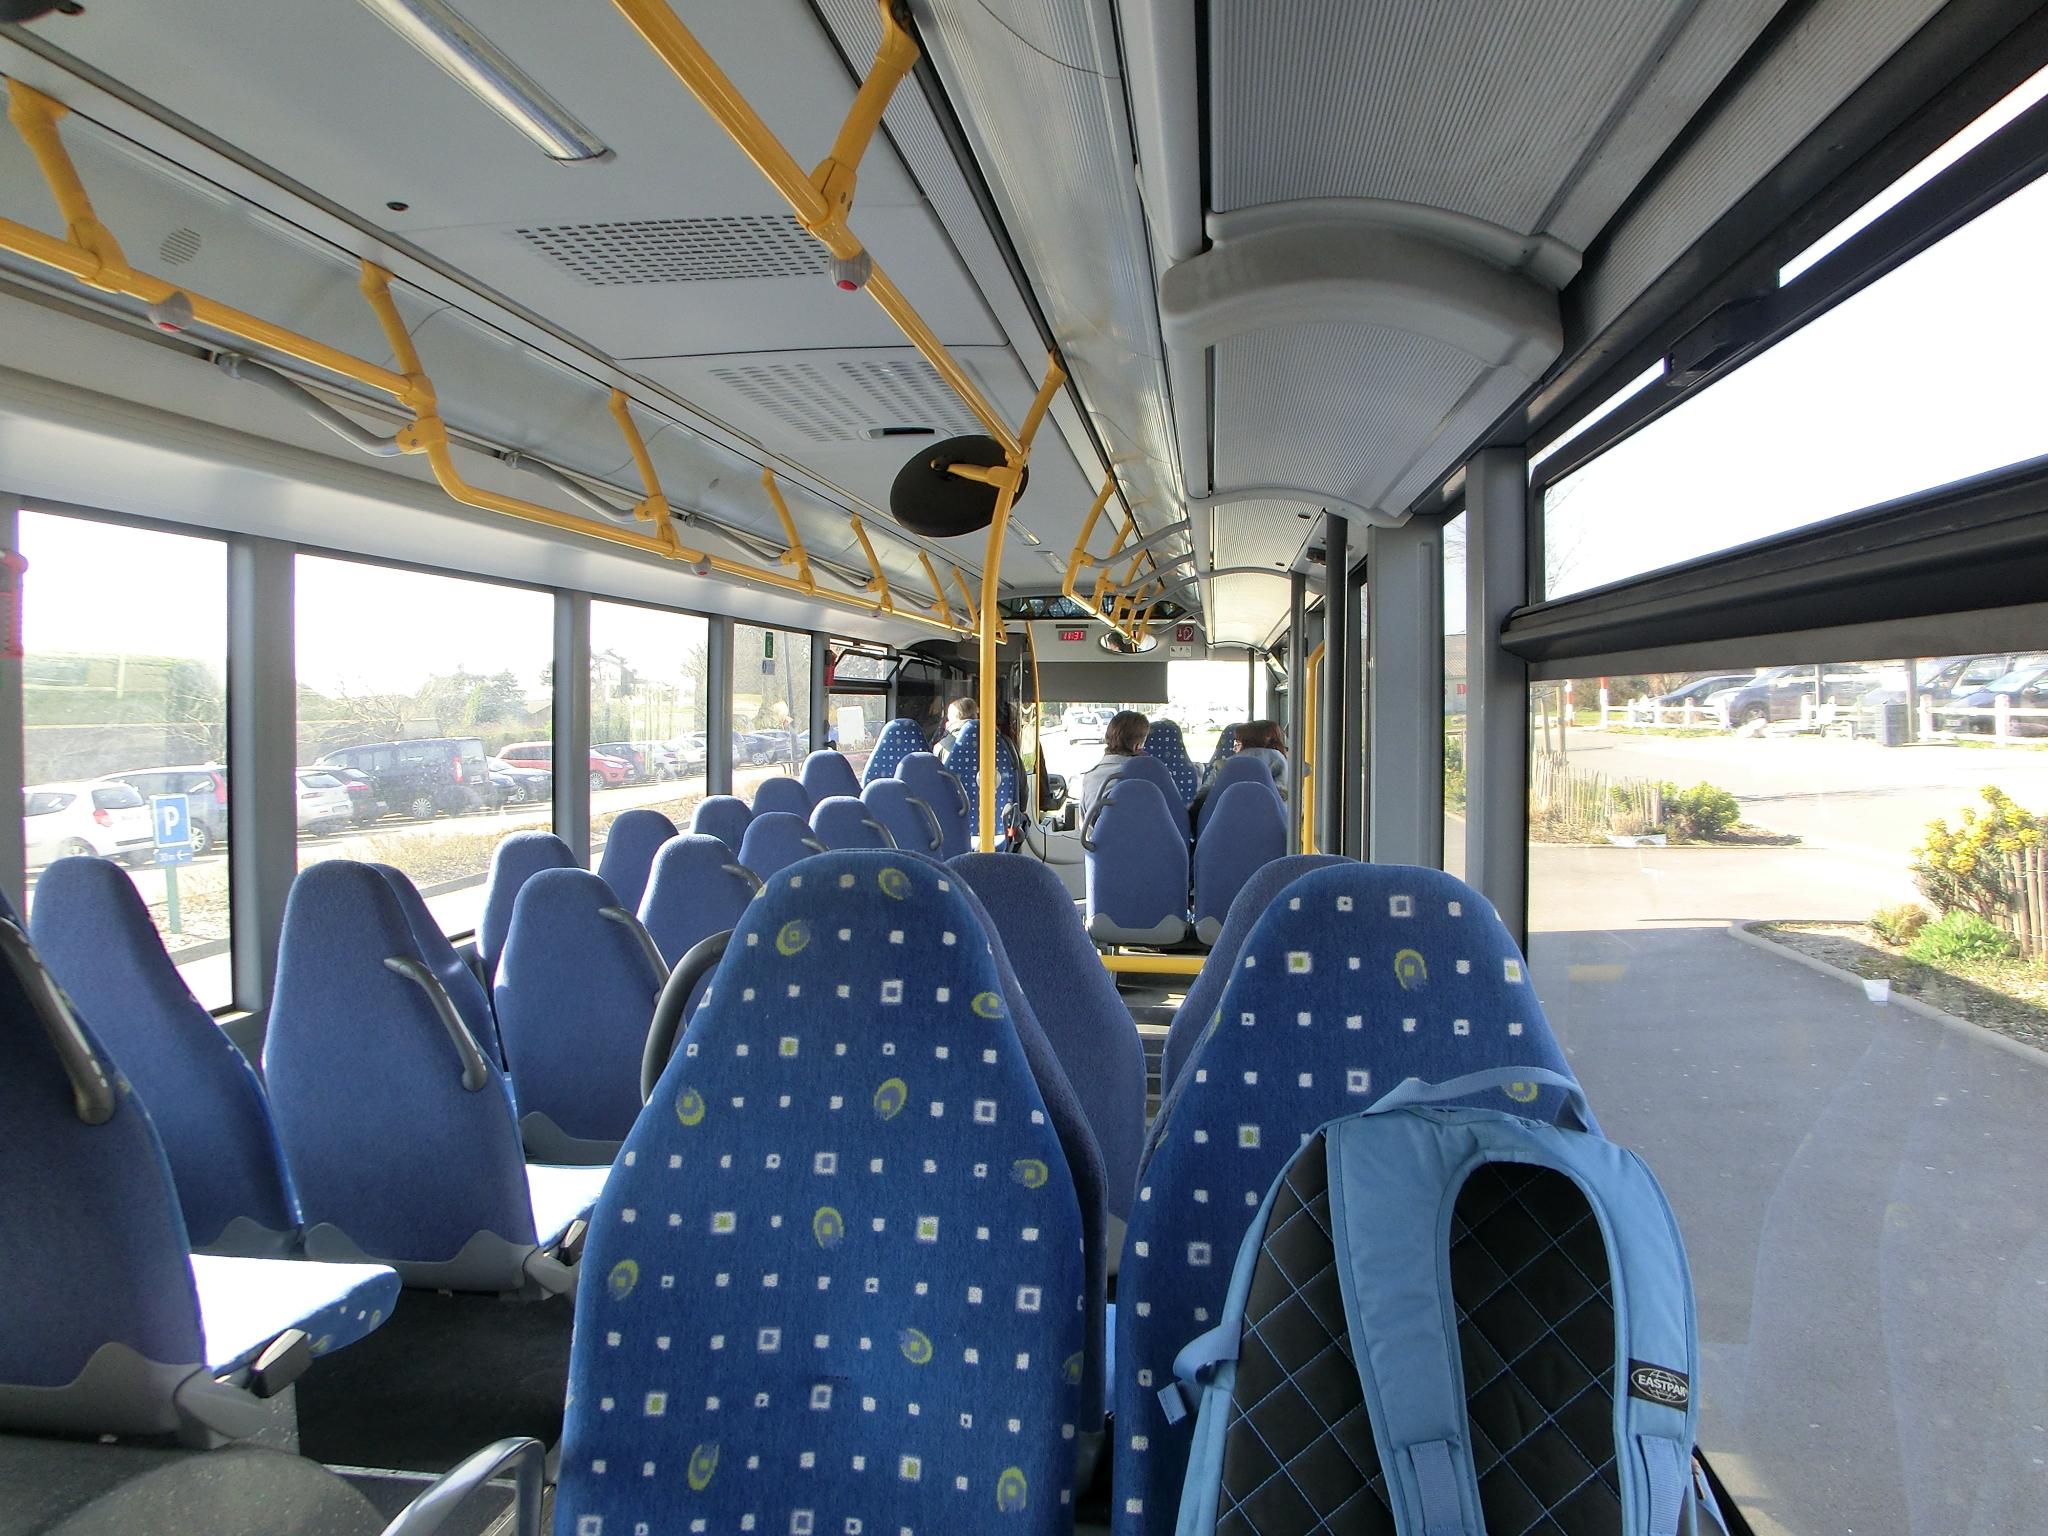 horaire de bus calais gravelines oye plage. Black Bedroom Furniture Sets. Home Design Ideas